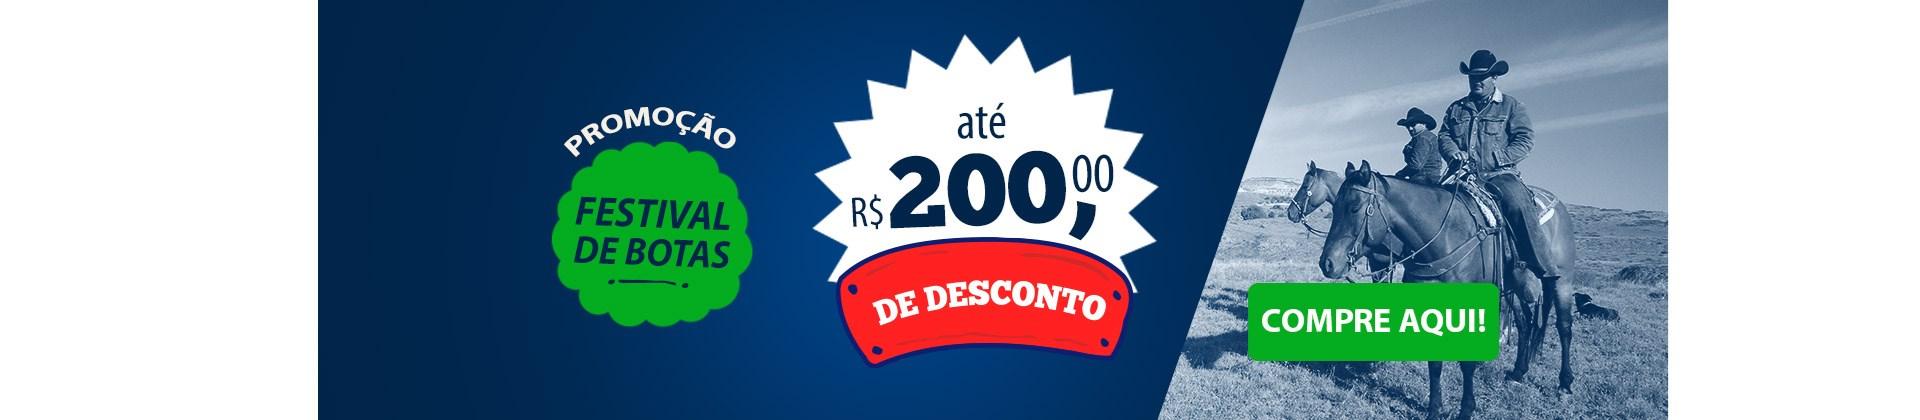 Banner Hotsite - Liquida Botas F- Janeiro